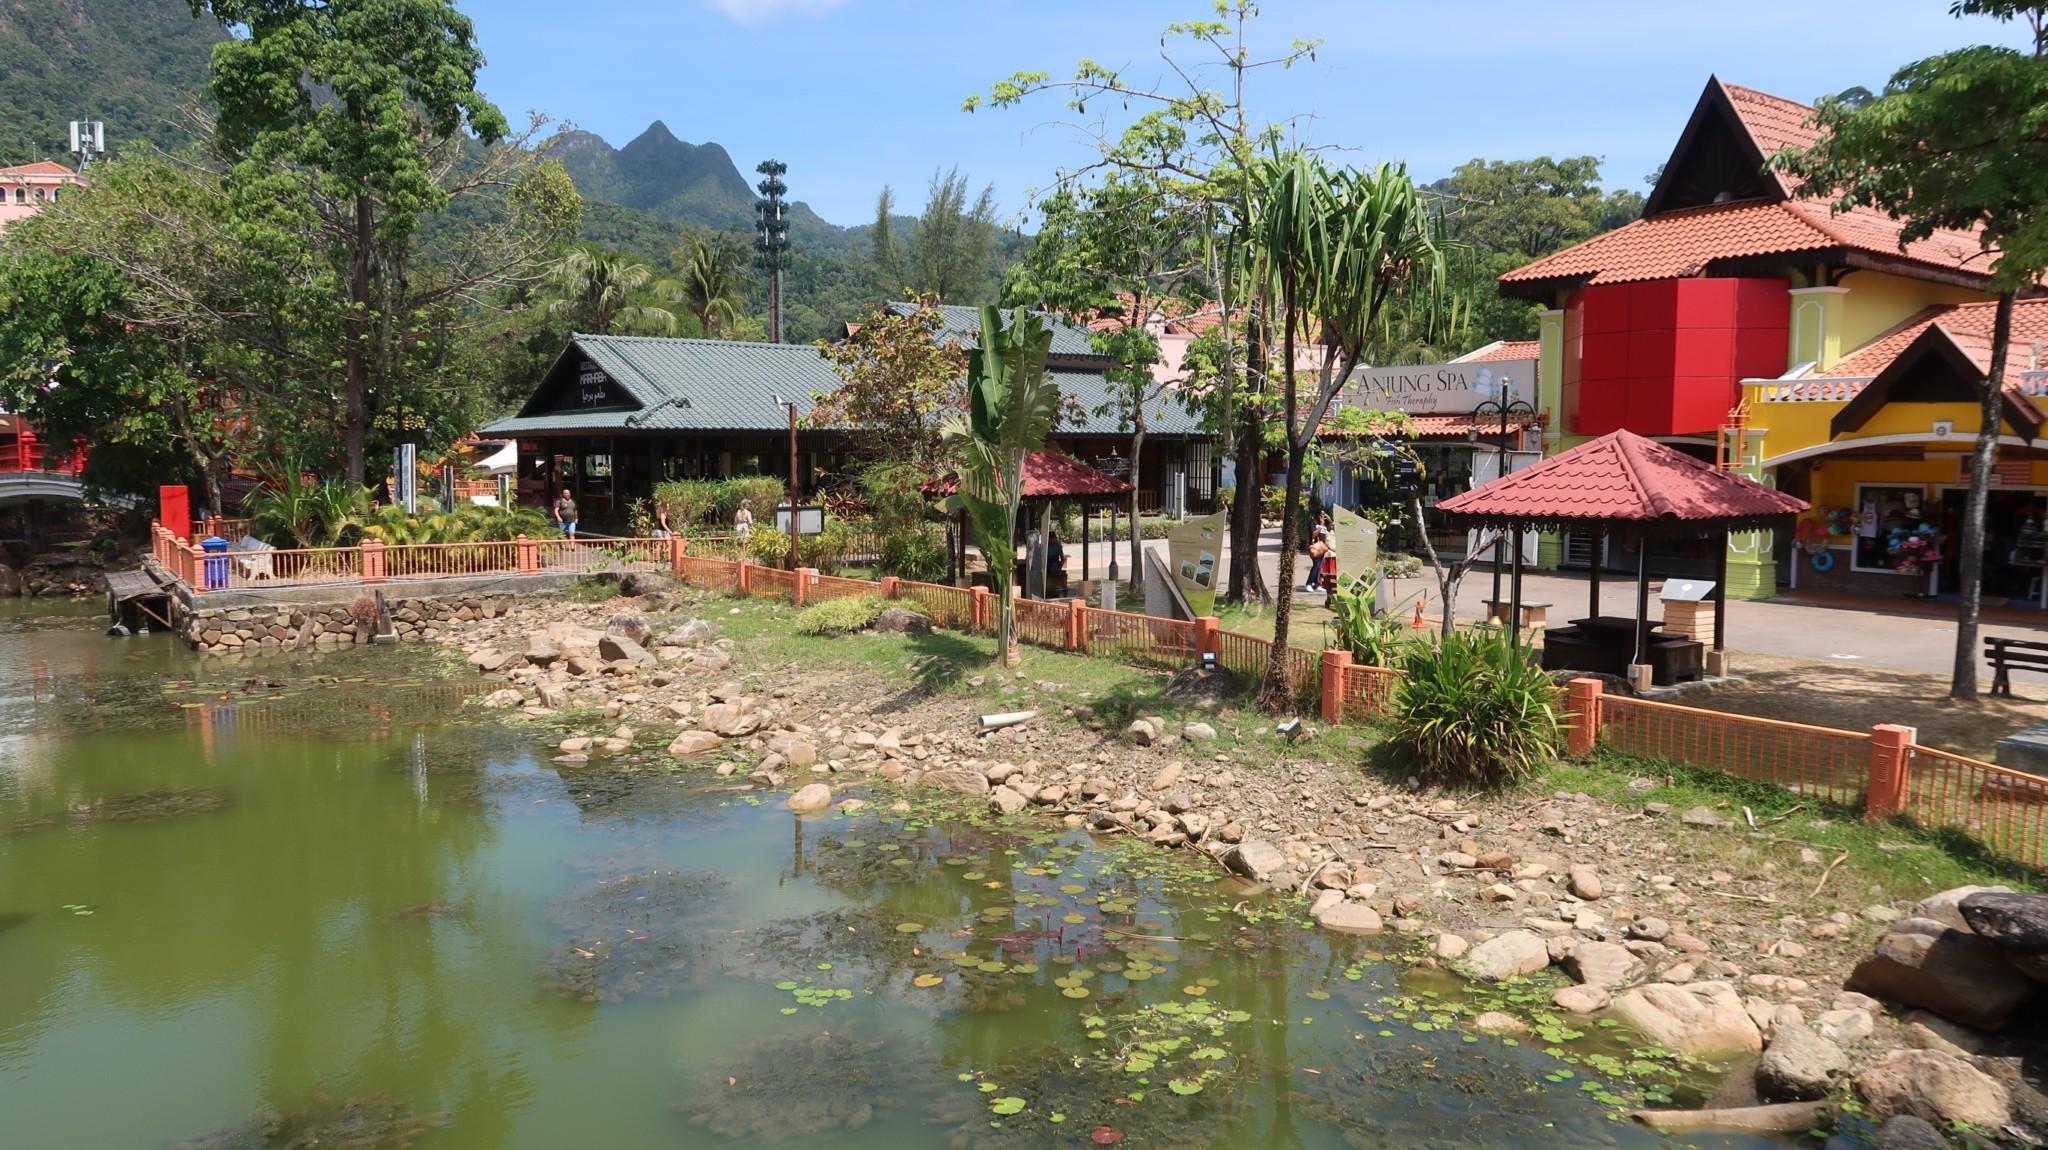 Orientalisches Dorf Langkawi